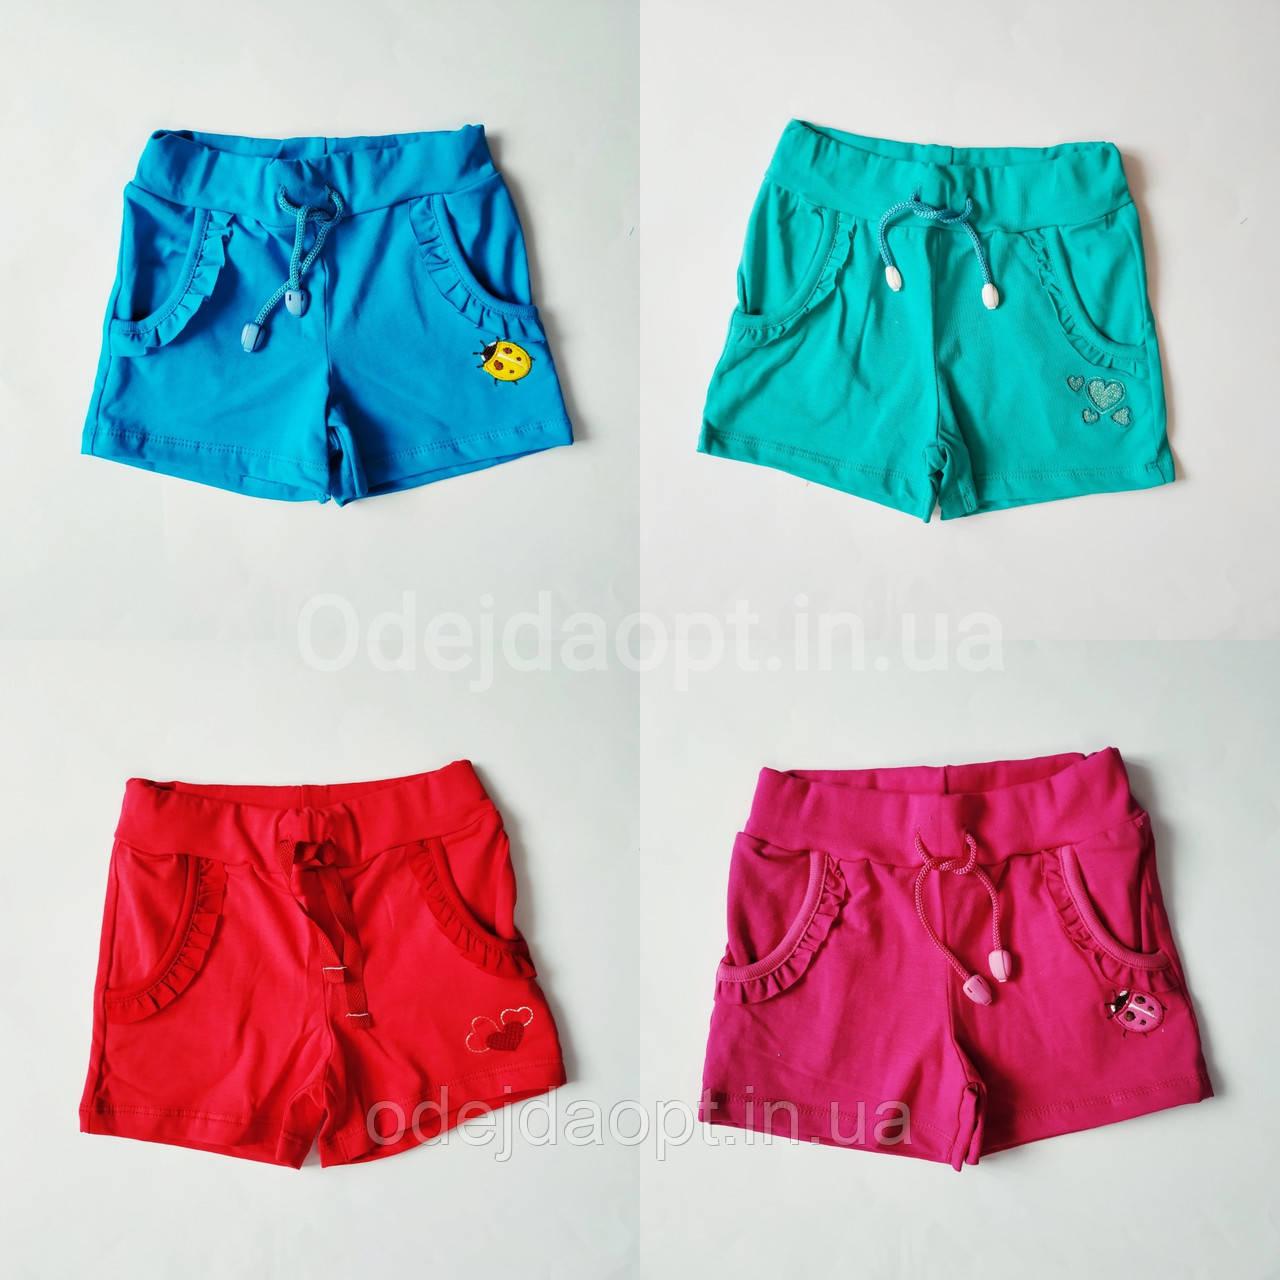 Детские (розовые,голубые,красные,ментол) шорты для девочки с карманами 1,2,3,4.5,6,7,8 лет